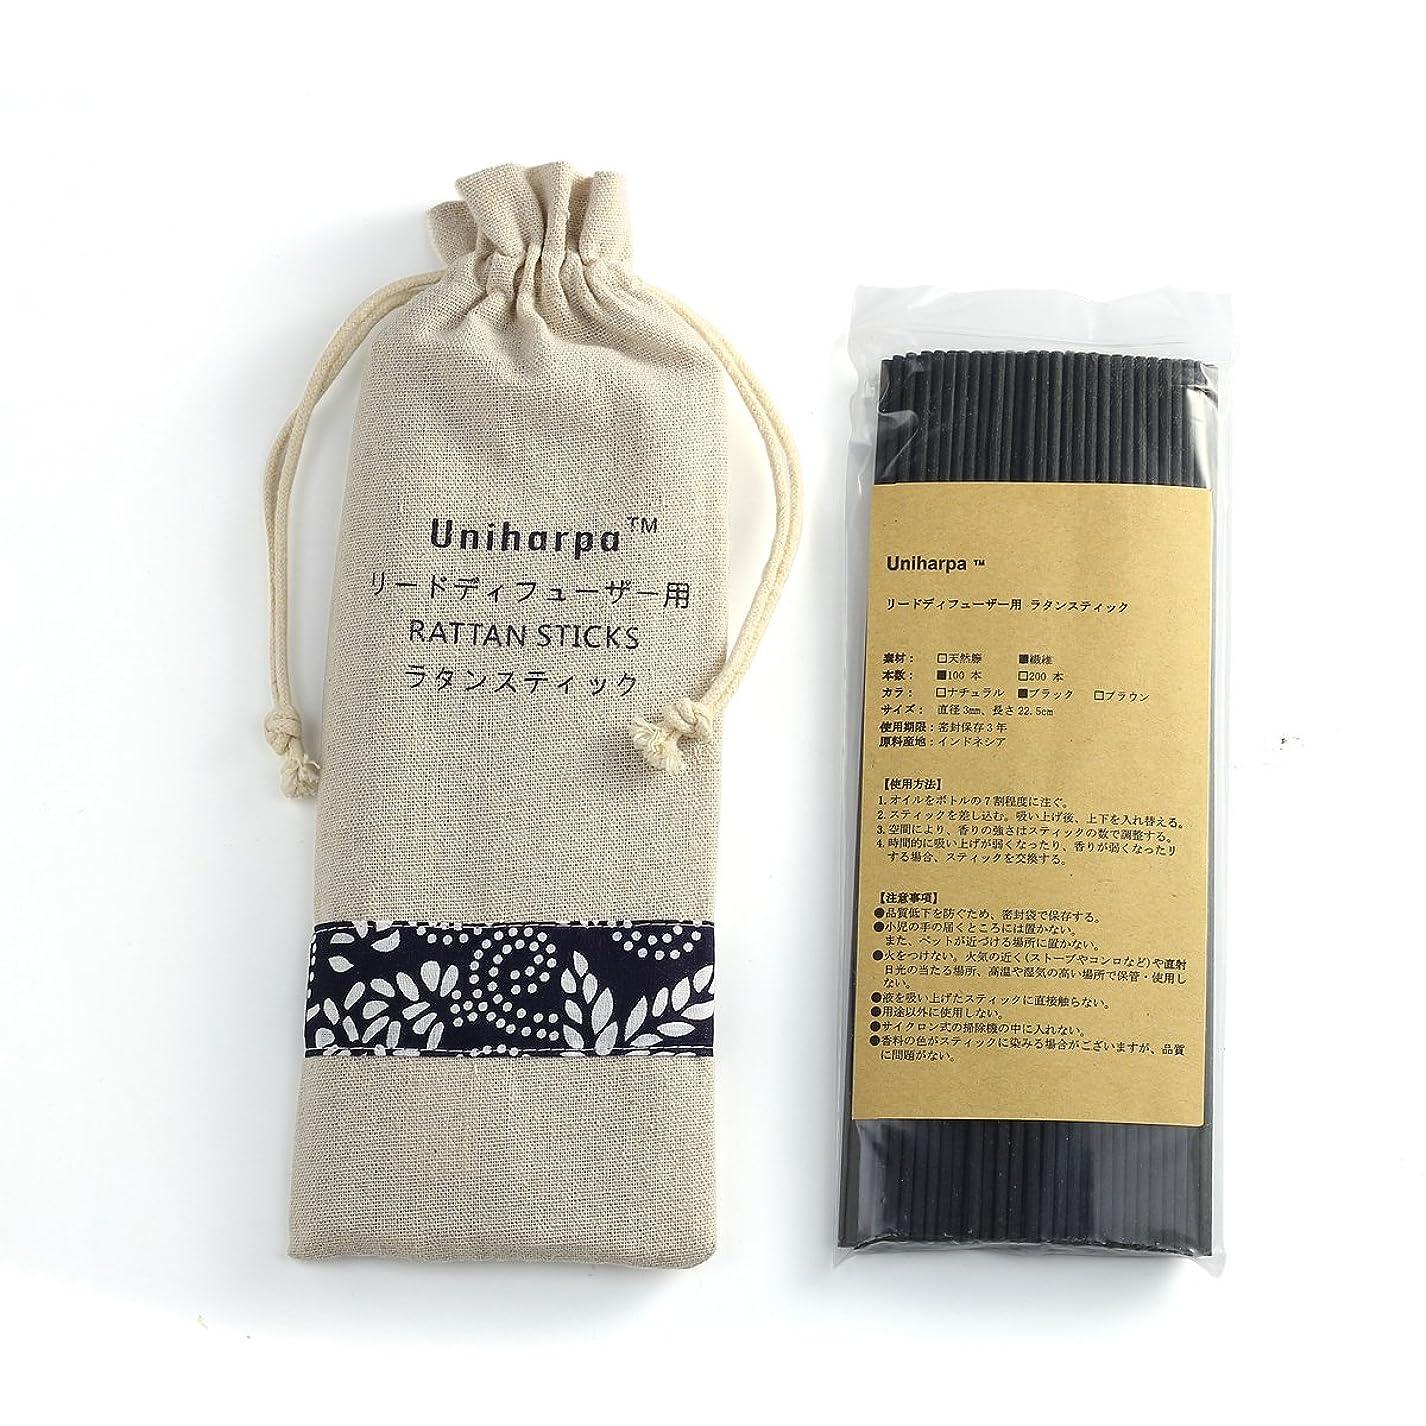 技術者おばさんを除くリードディフューザー用 ラタンスティック/リードスティック リフィル 繊維素材 22.5cm 直径3mm 100本入 乾燥剤入り オリジナル旅行専用袋付 (ブラック)